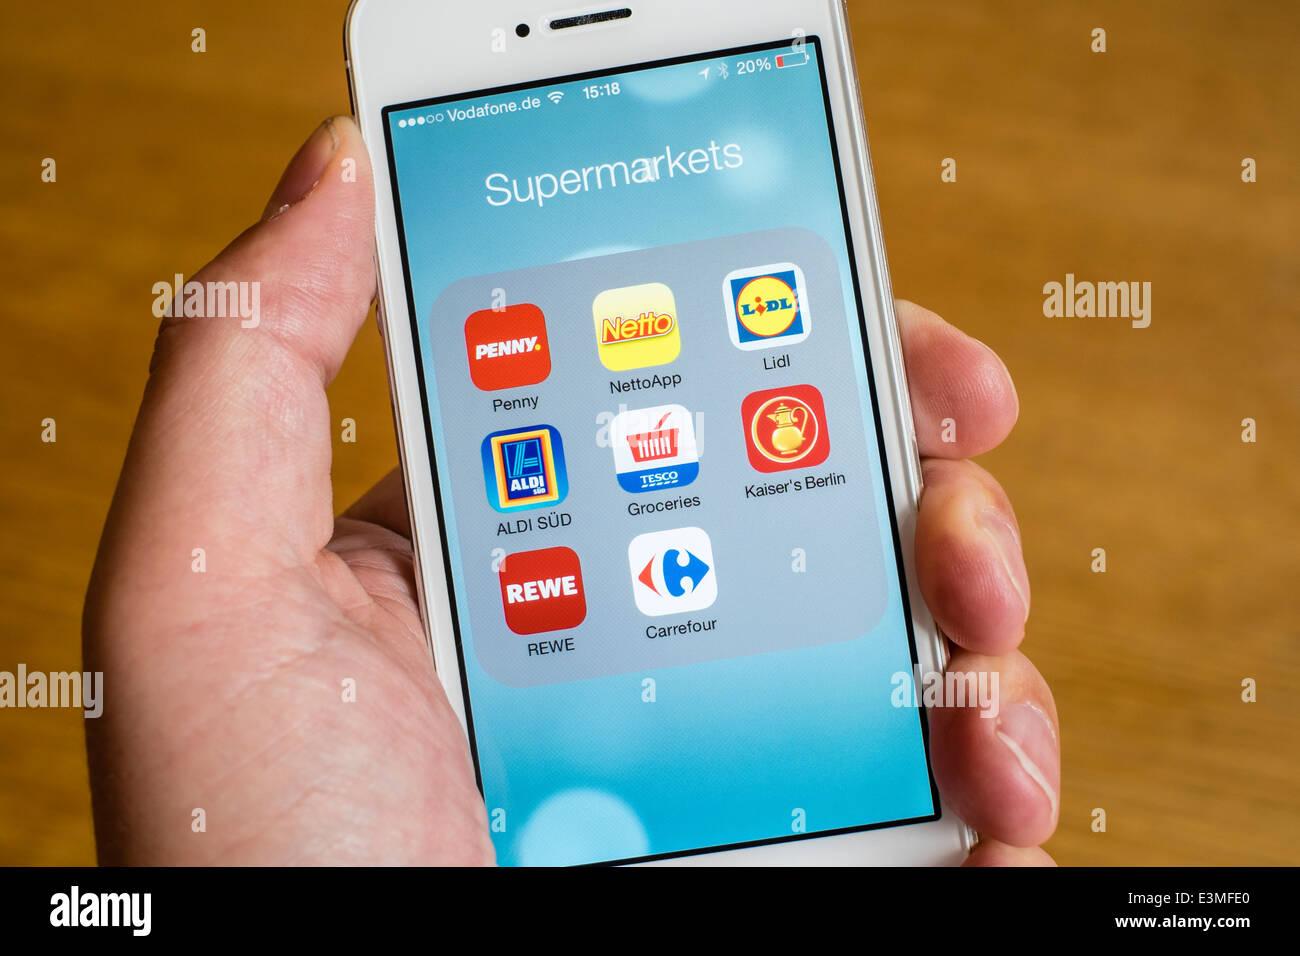 Detalle de muchos supermercados de descuento online shopping apps en el iPhone teléfonos inteligentes. Imagen De Stock